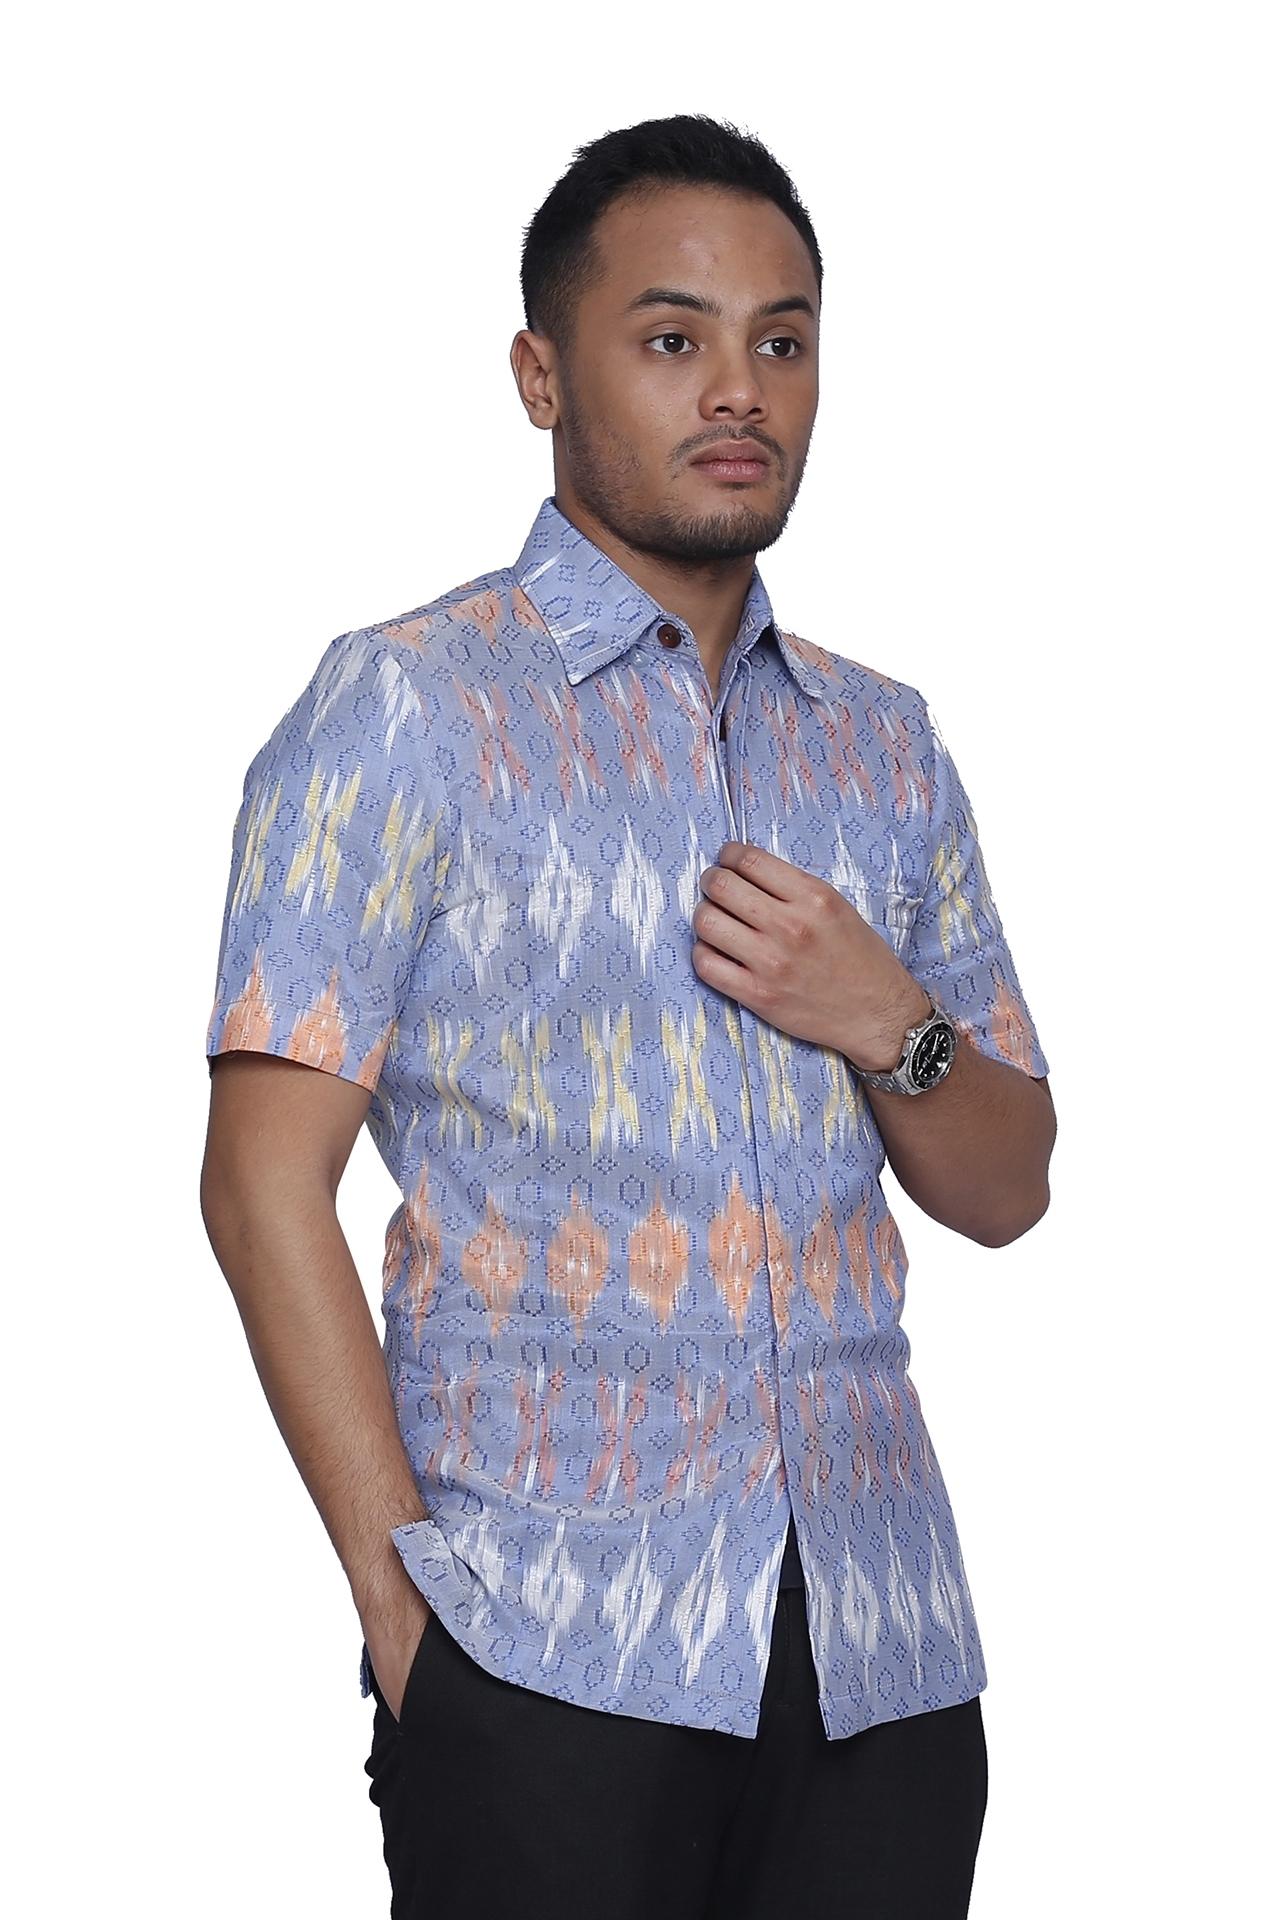 Pilihan Model Baju Batik Pria untuk Profesi Guru